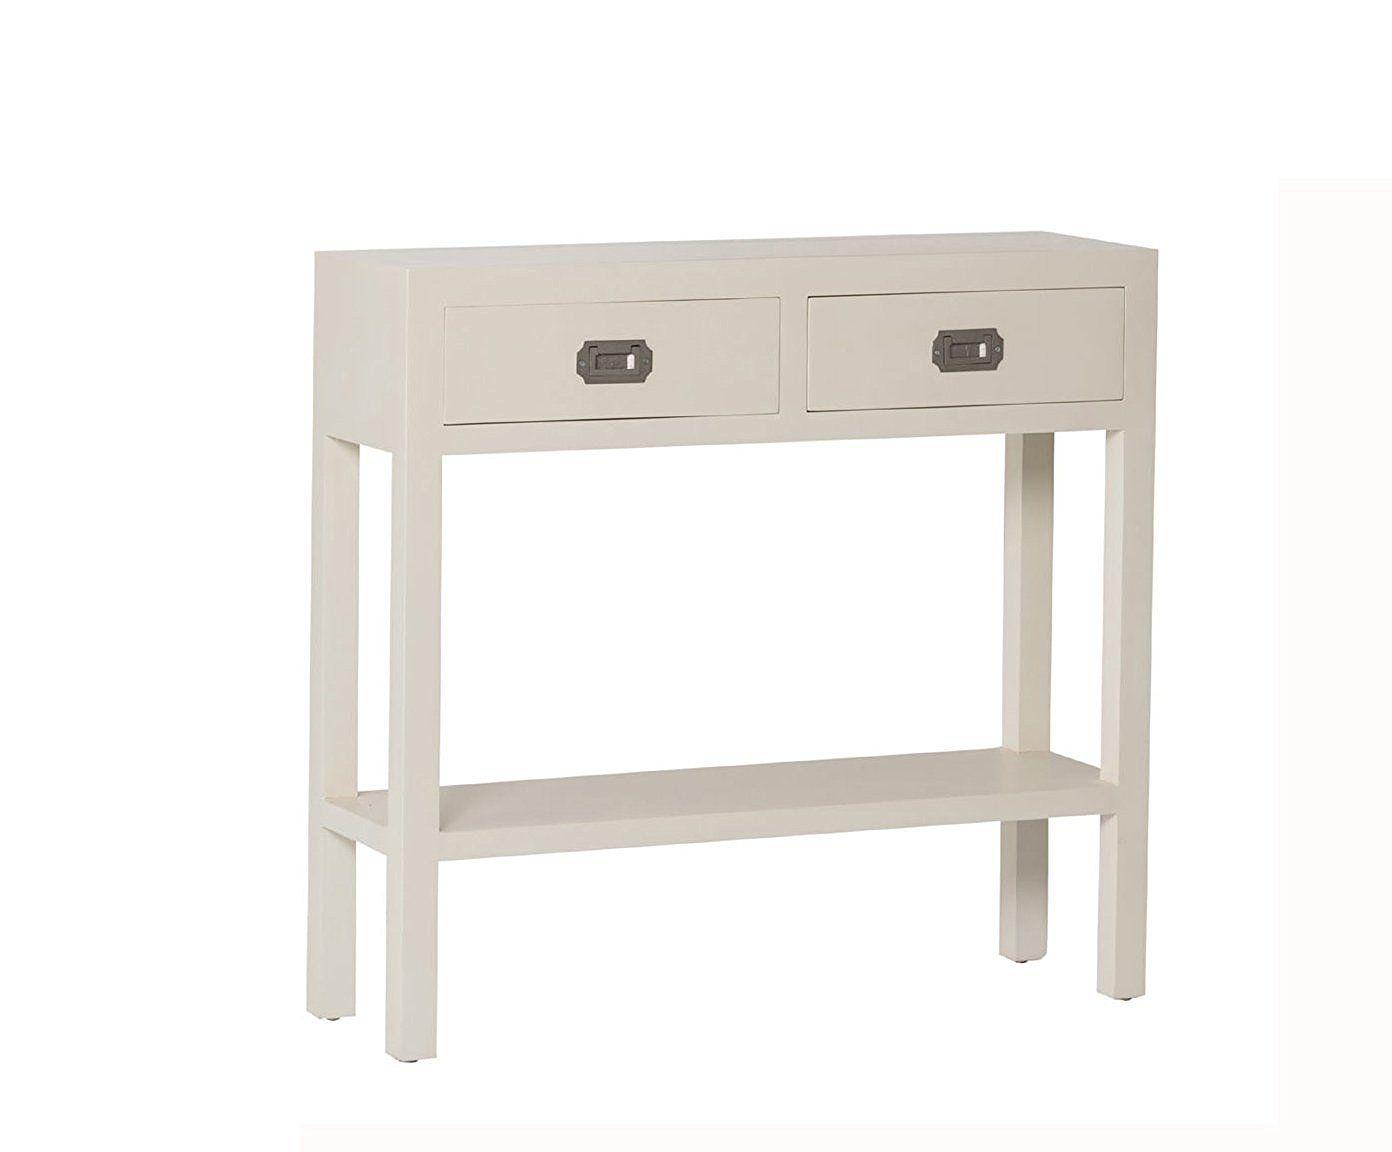 Mueble Recibidor De Madera Blanco 2 Cajones Gaya Amazon Es  # Muebles Requero